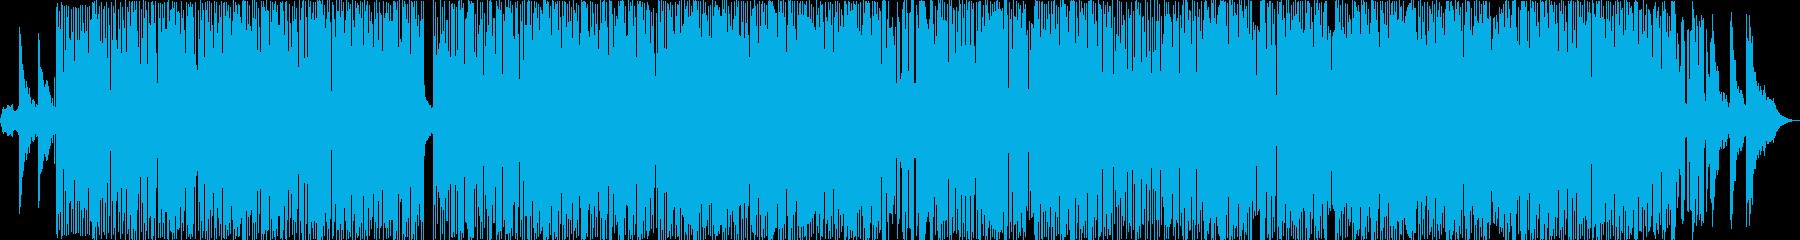 インストディープハウスの再生済みの波形